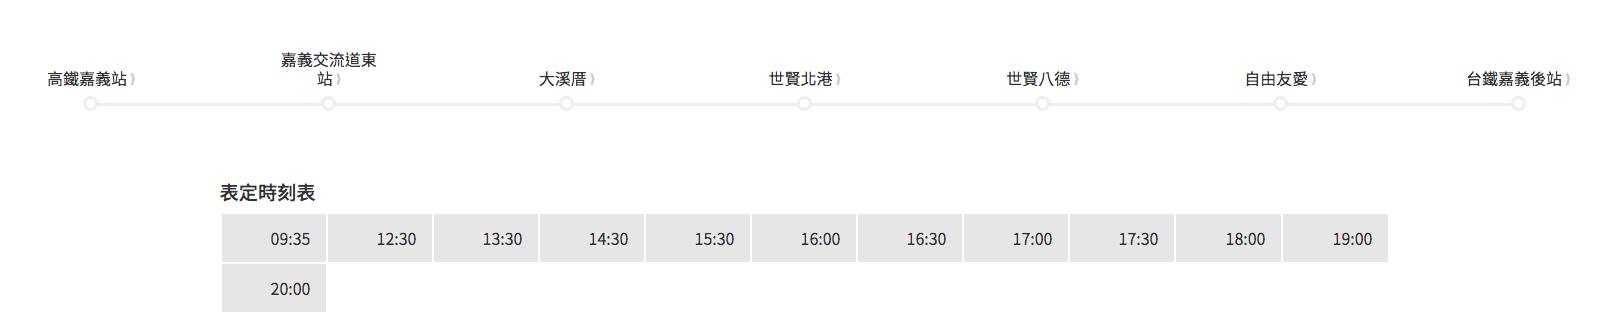 台灣好行阿里山線高鐵站時刻表